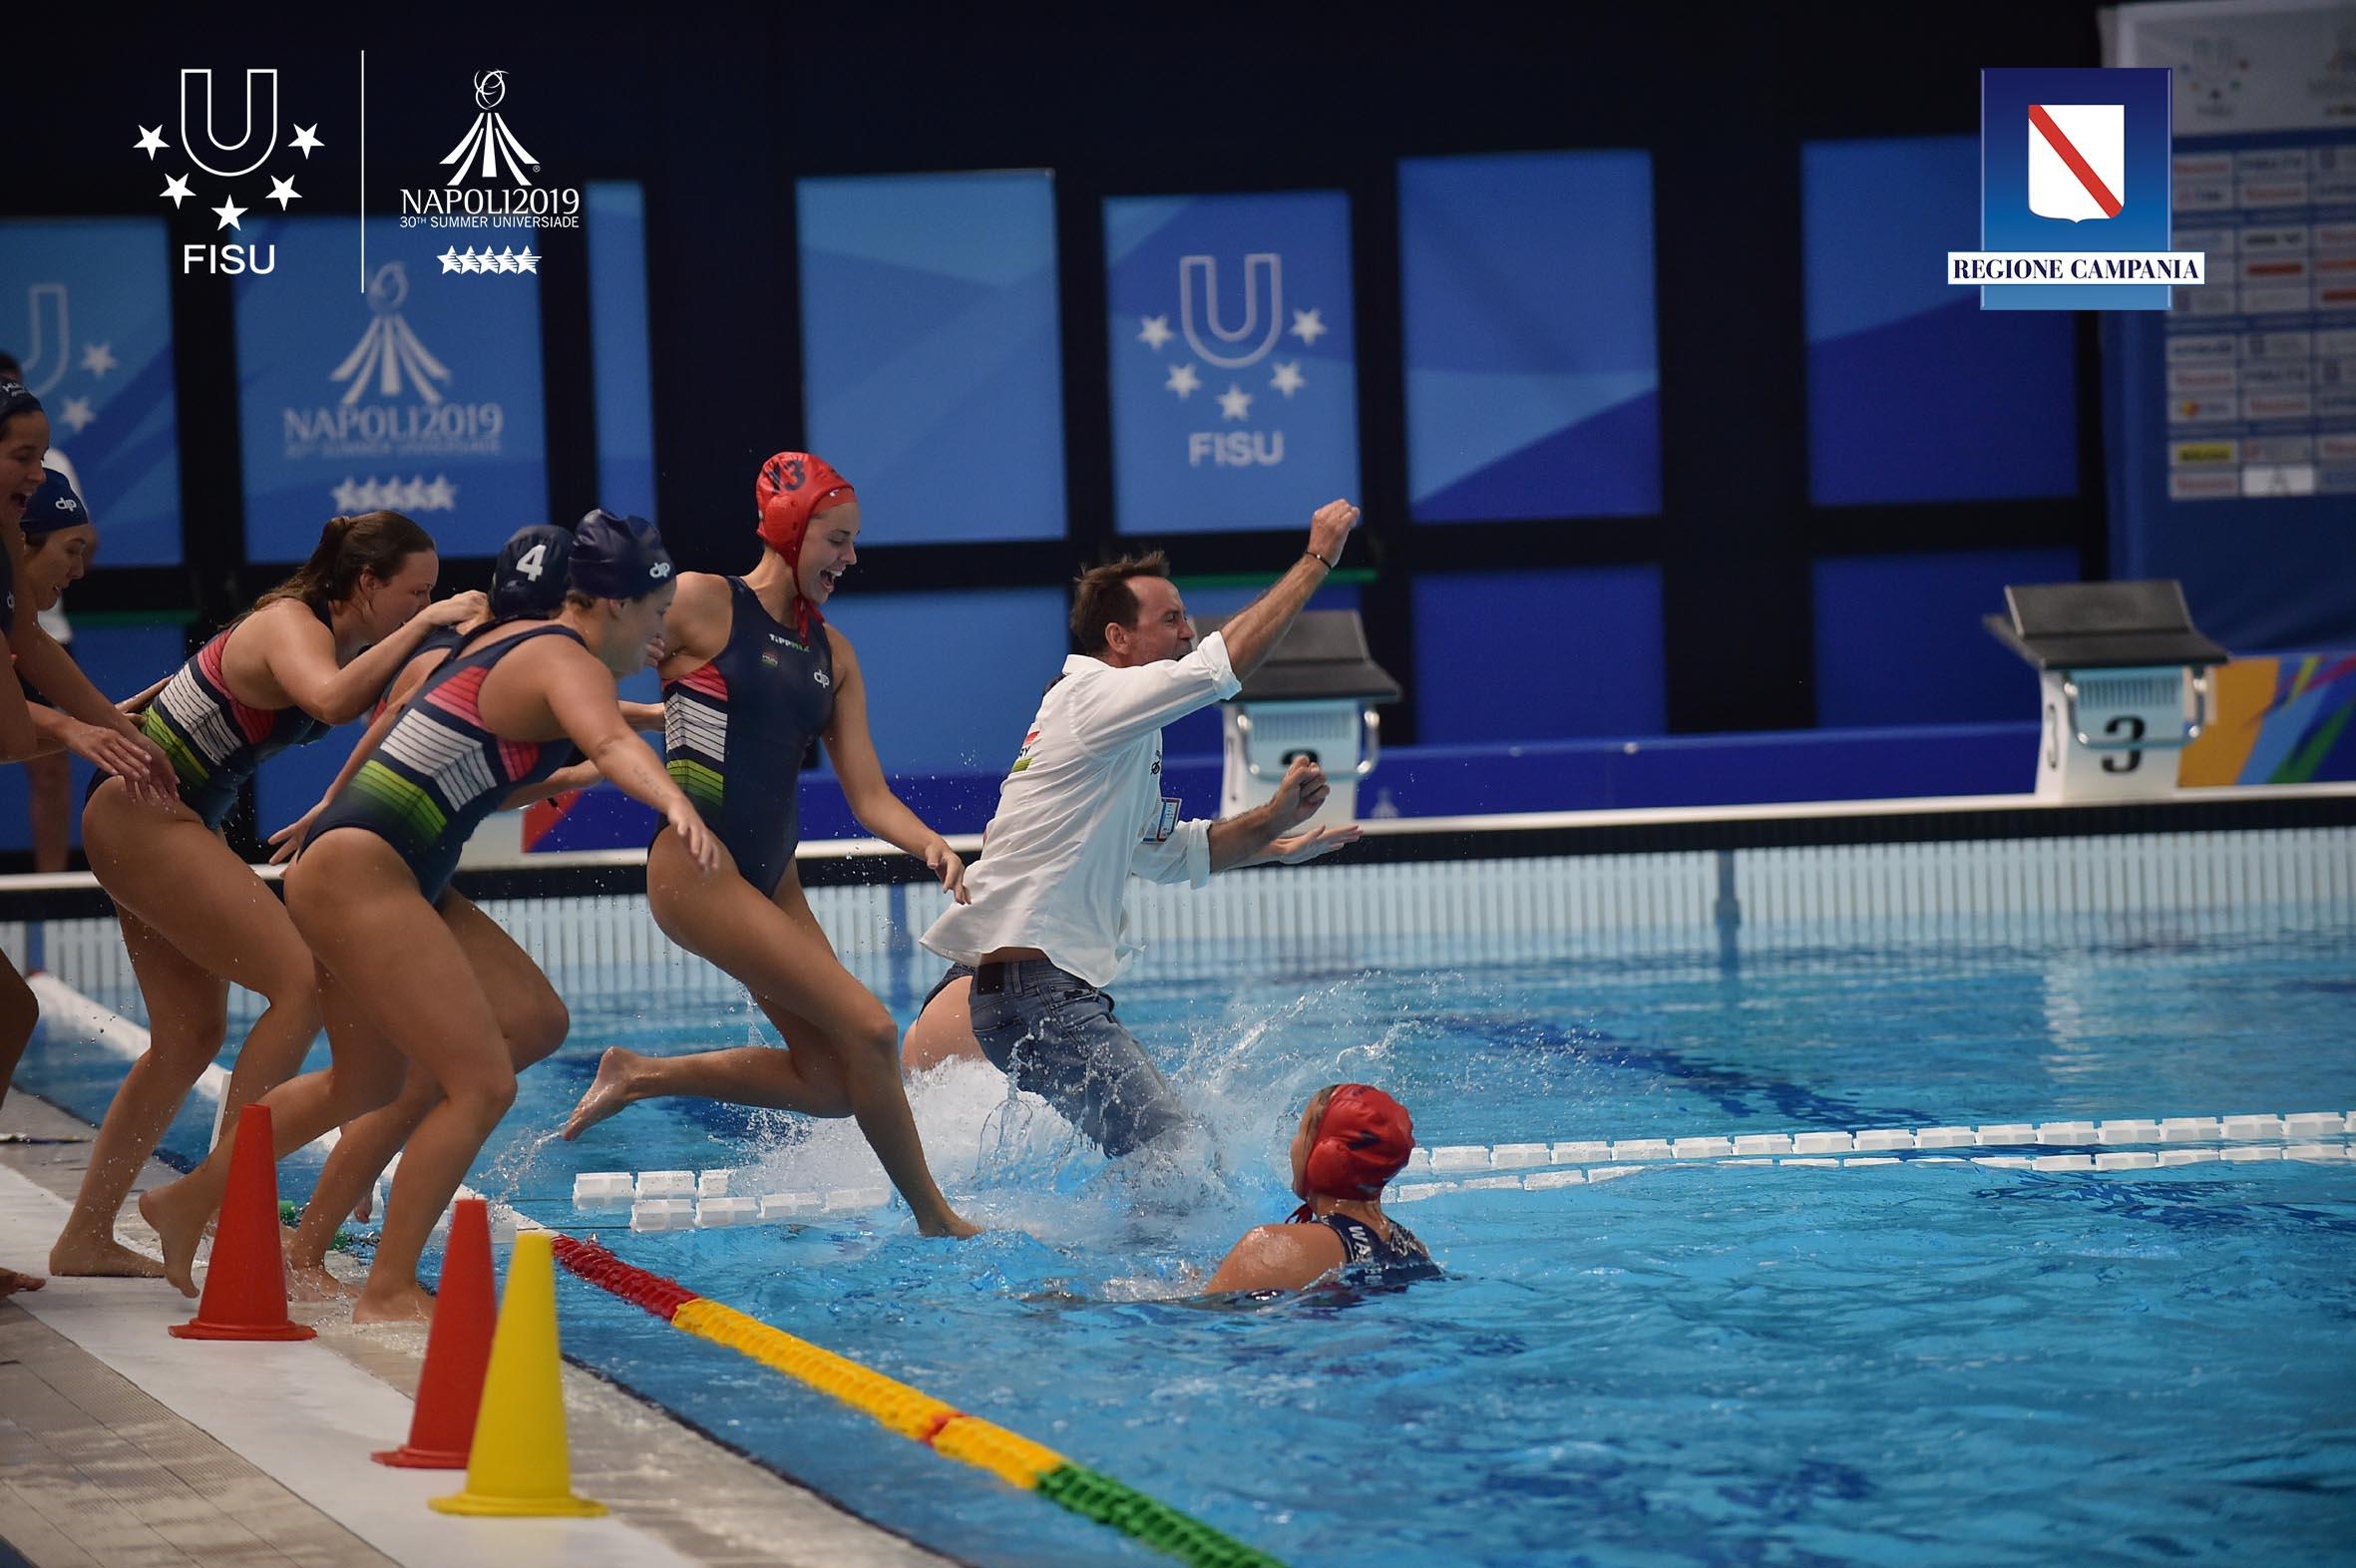 20190713 - WATER POLO I NAPOLI - Universiade 2019 -  Piscina Scandone - Finale Water Polo Femminile  Nella foto: Italia vs Ungheria  FOTO/POOL FOTOGRAFI UNIVERSIADE NAPOLI 2019